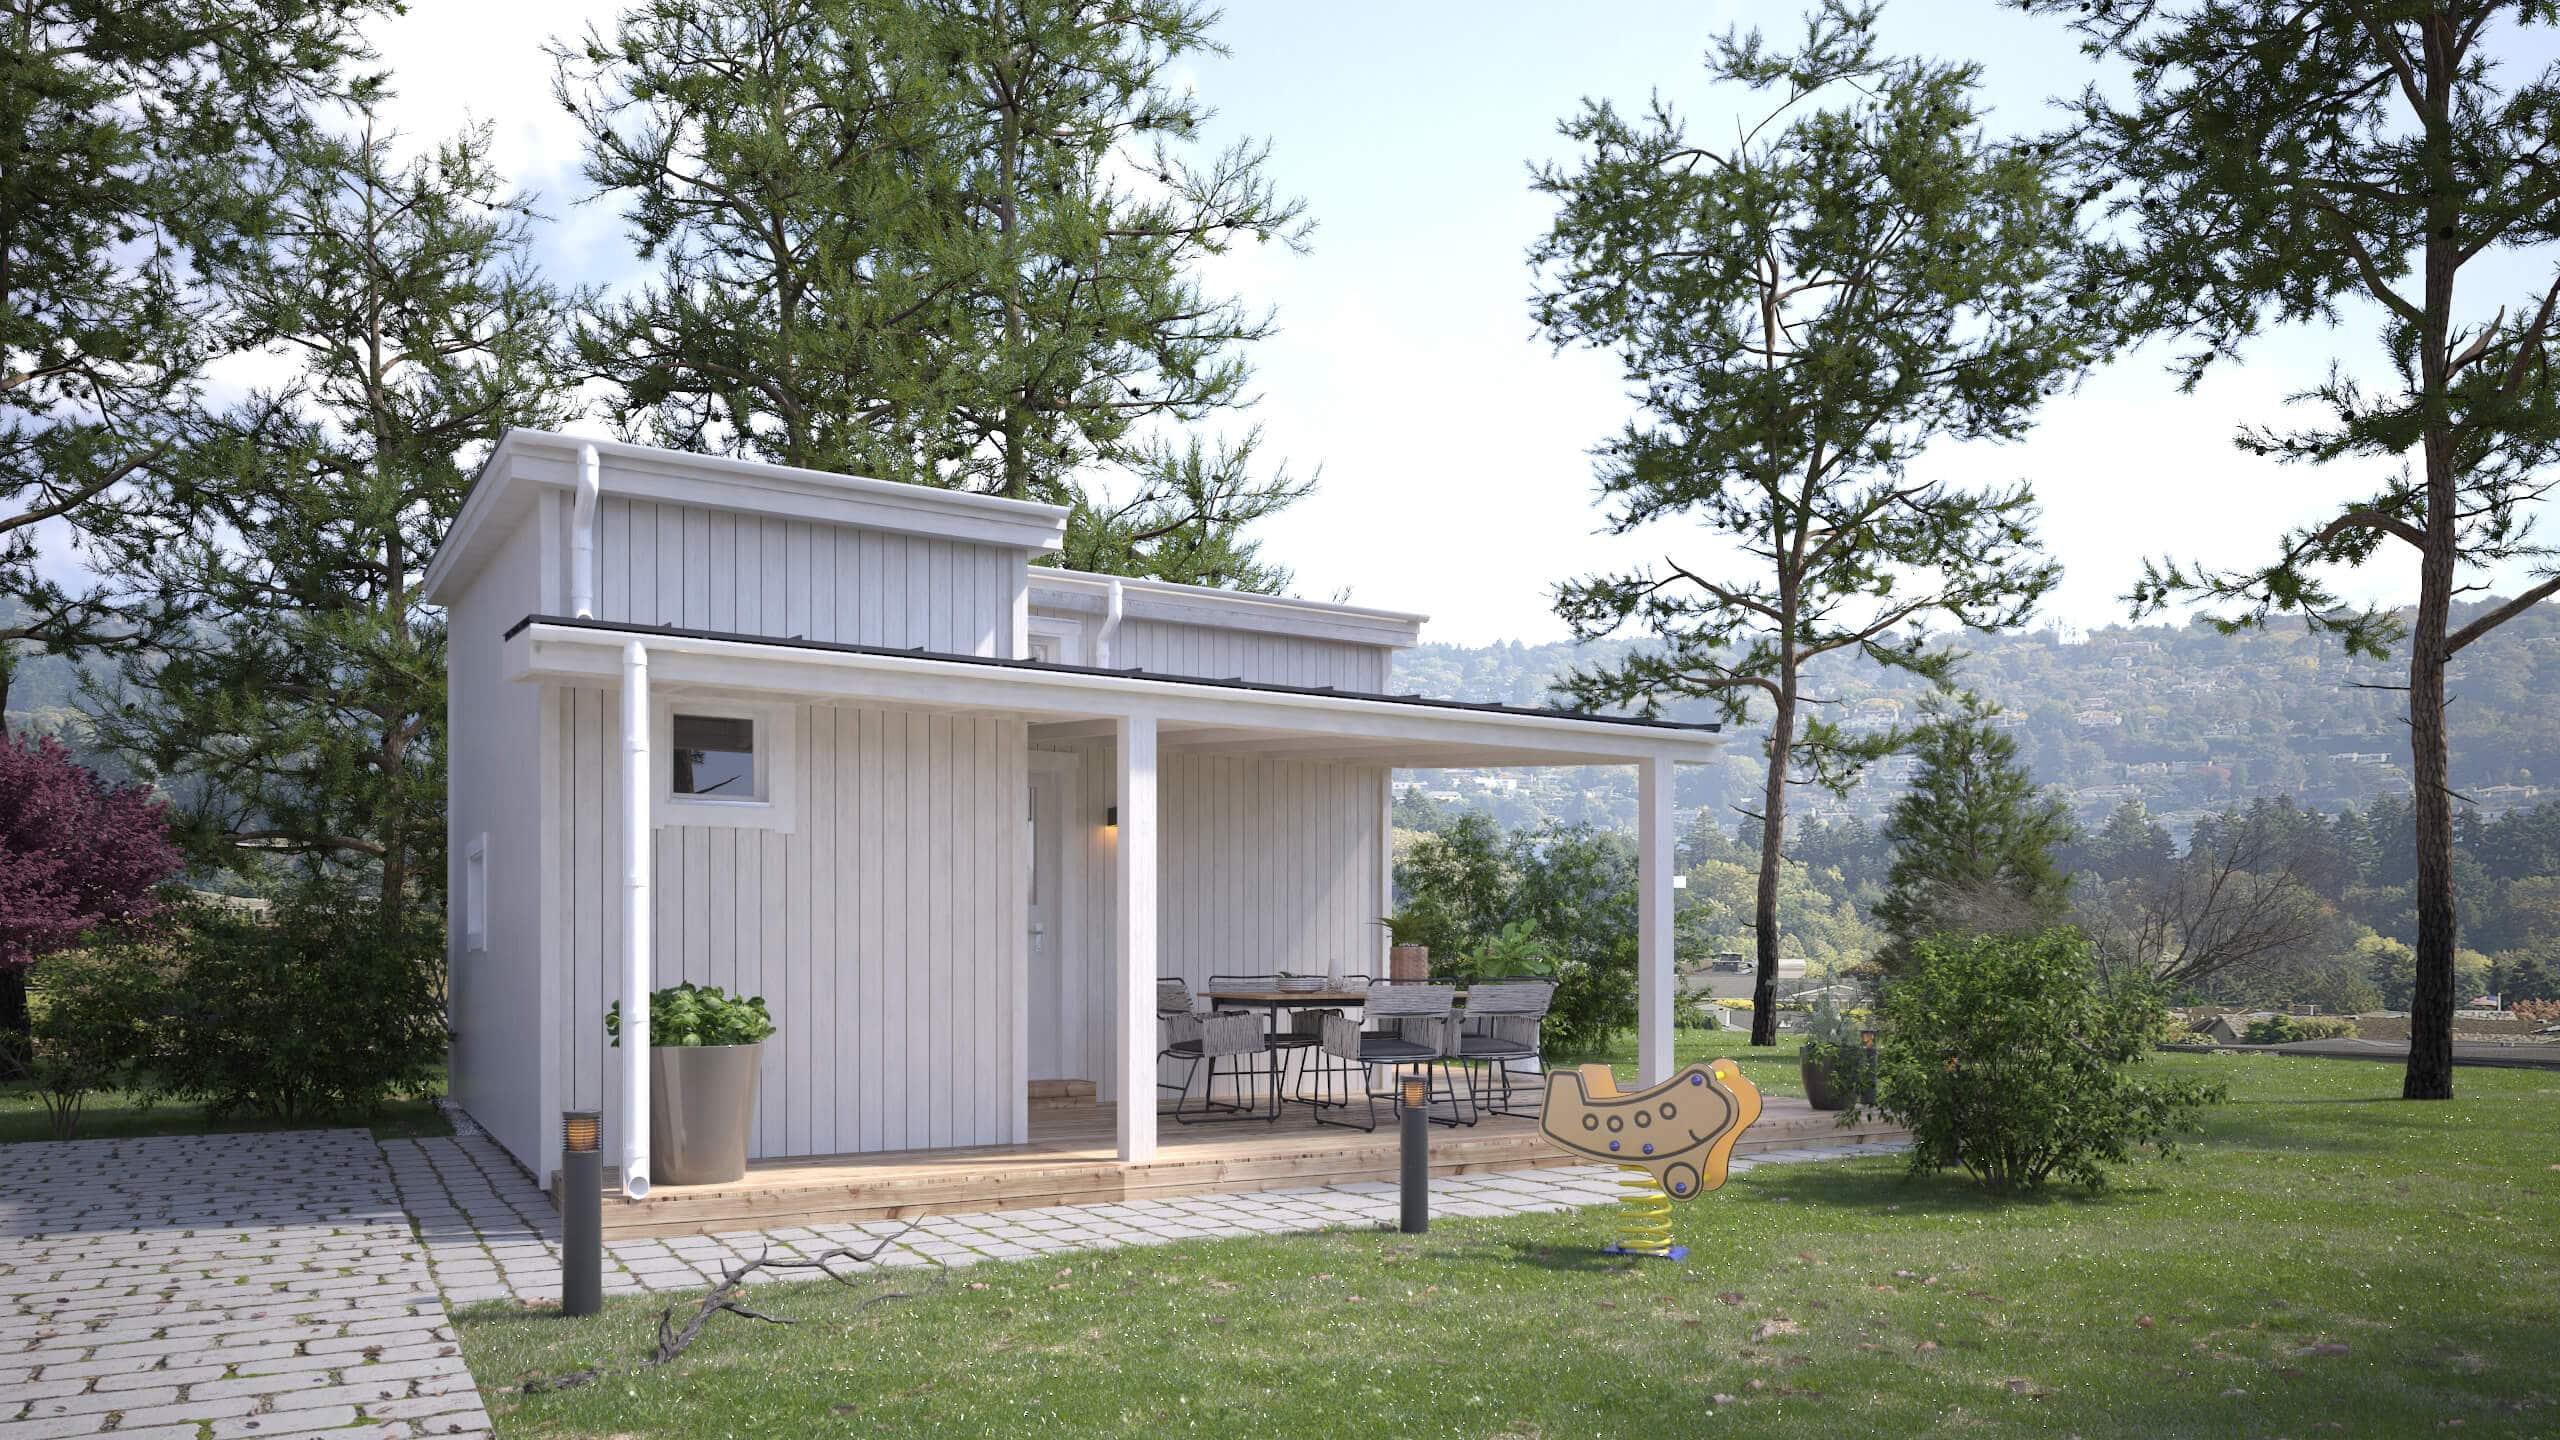 Vitt Attefallshus på 25 kvm med vertikala träpaneler och pulpettak